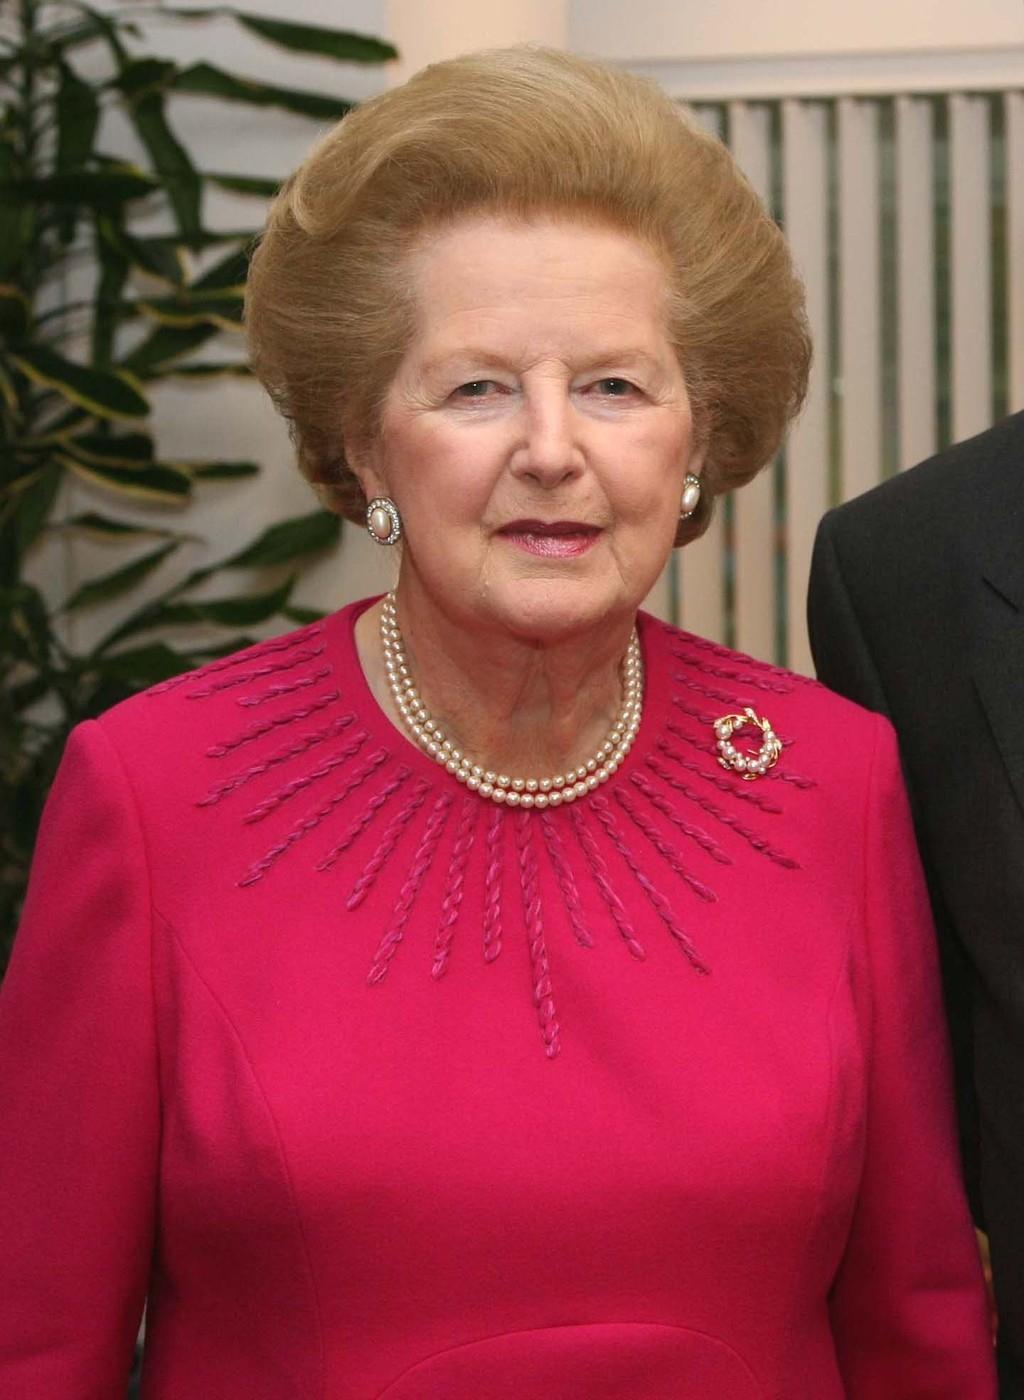 Margaret Thacher vždy nosila dvouřadové perly, které ji daroval její manžel.